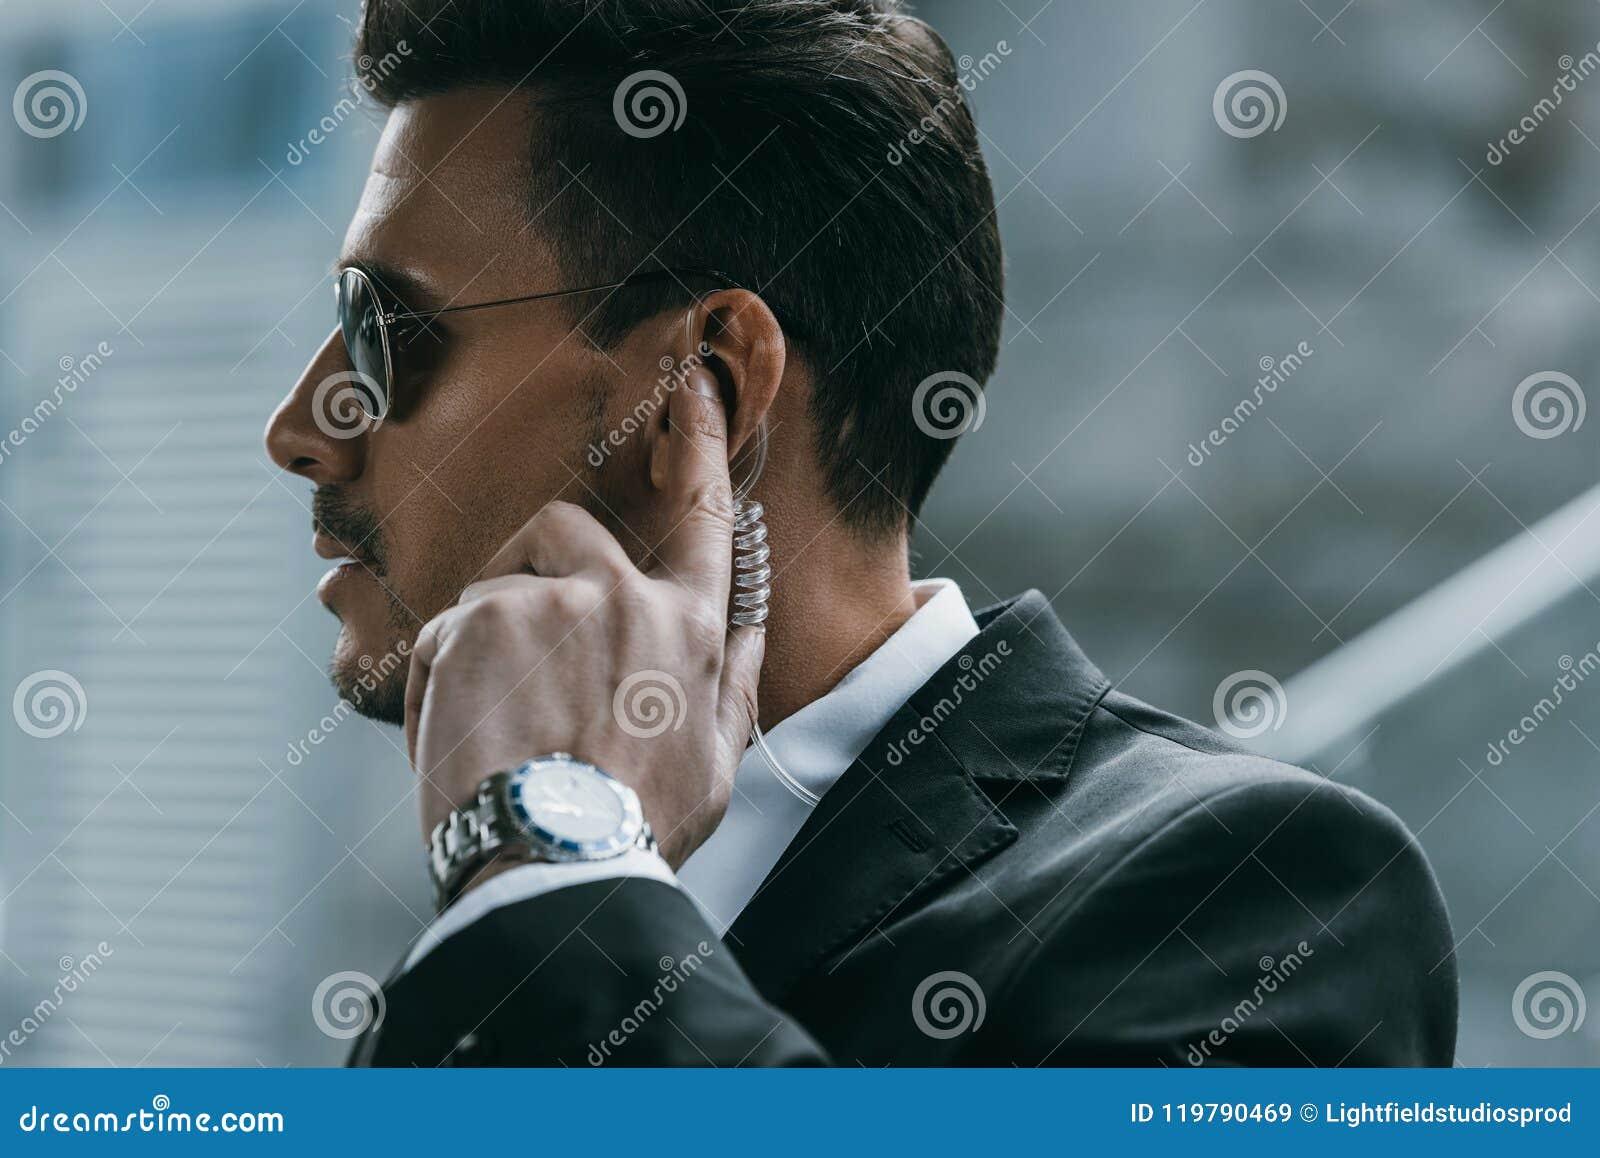 όμορφα στάση φρουράς ασφάλειας και μήνυμα ακούσματος με την ασφάλεια